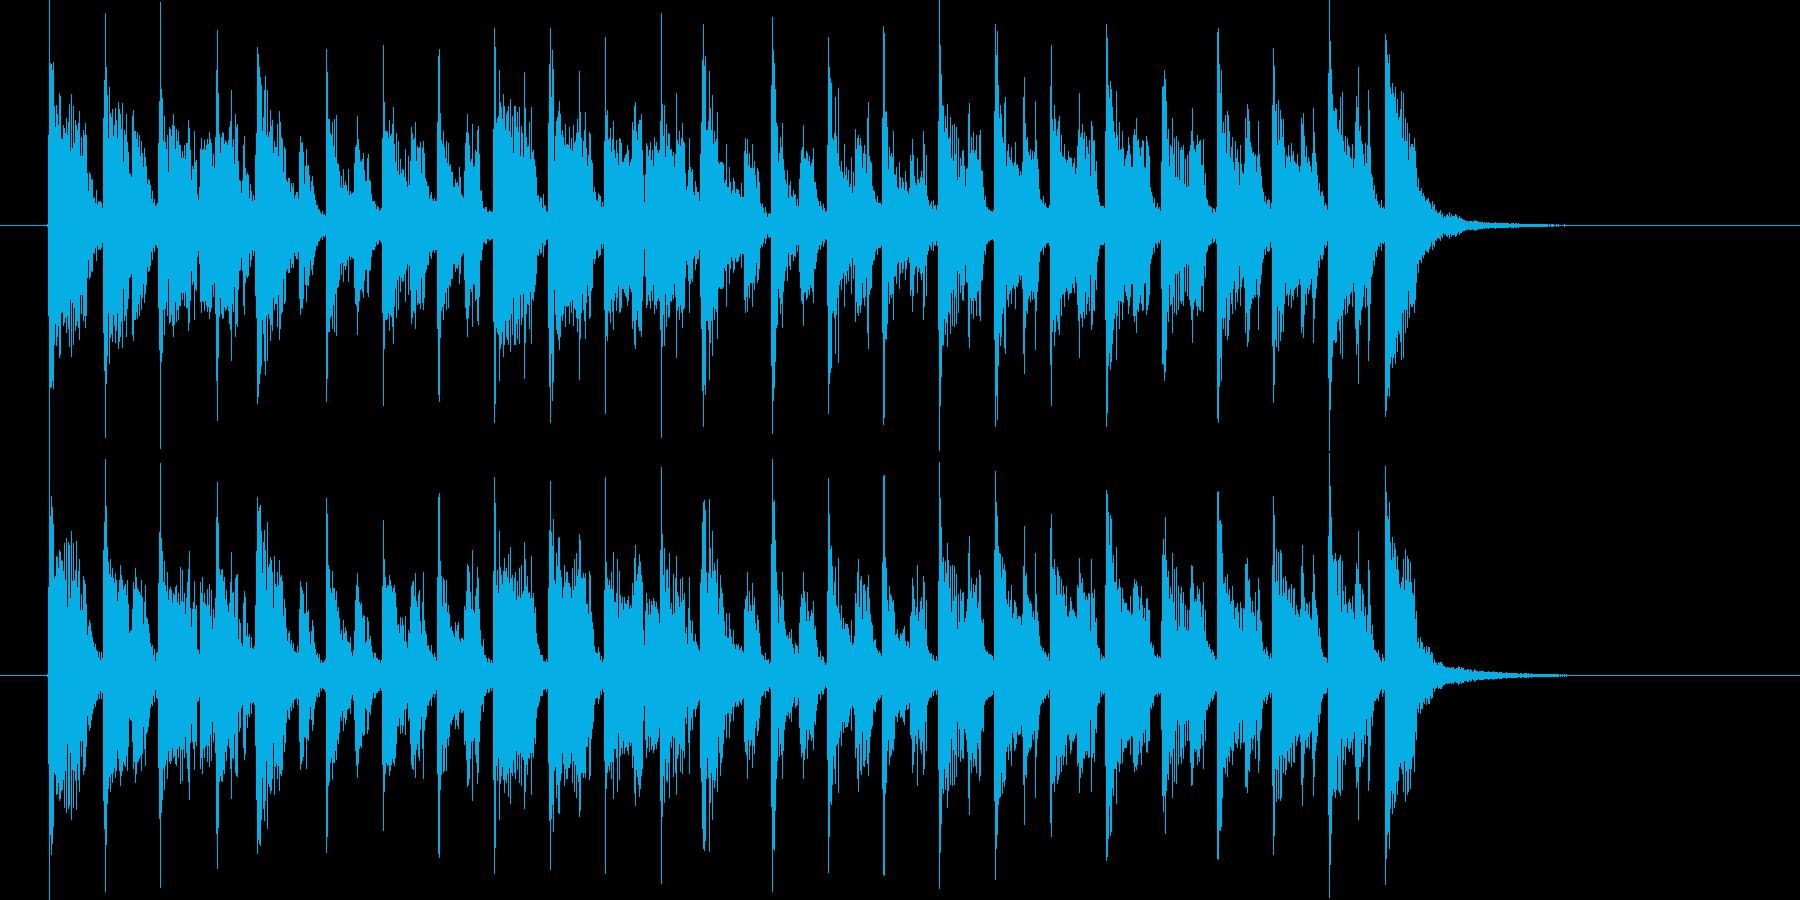 リズミカルで期待感のある短めの楽曲の再生済みの波形